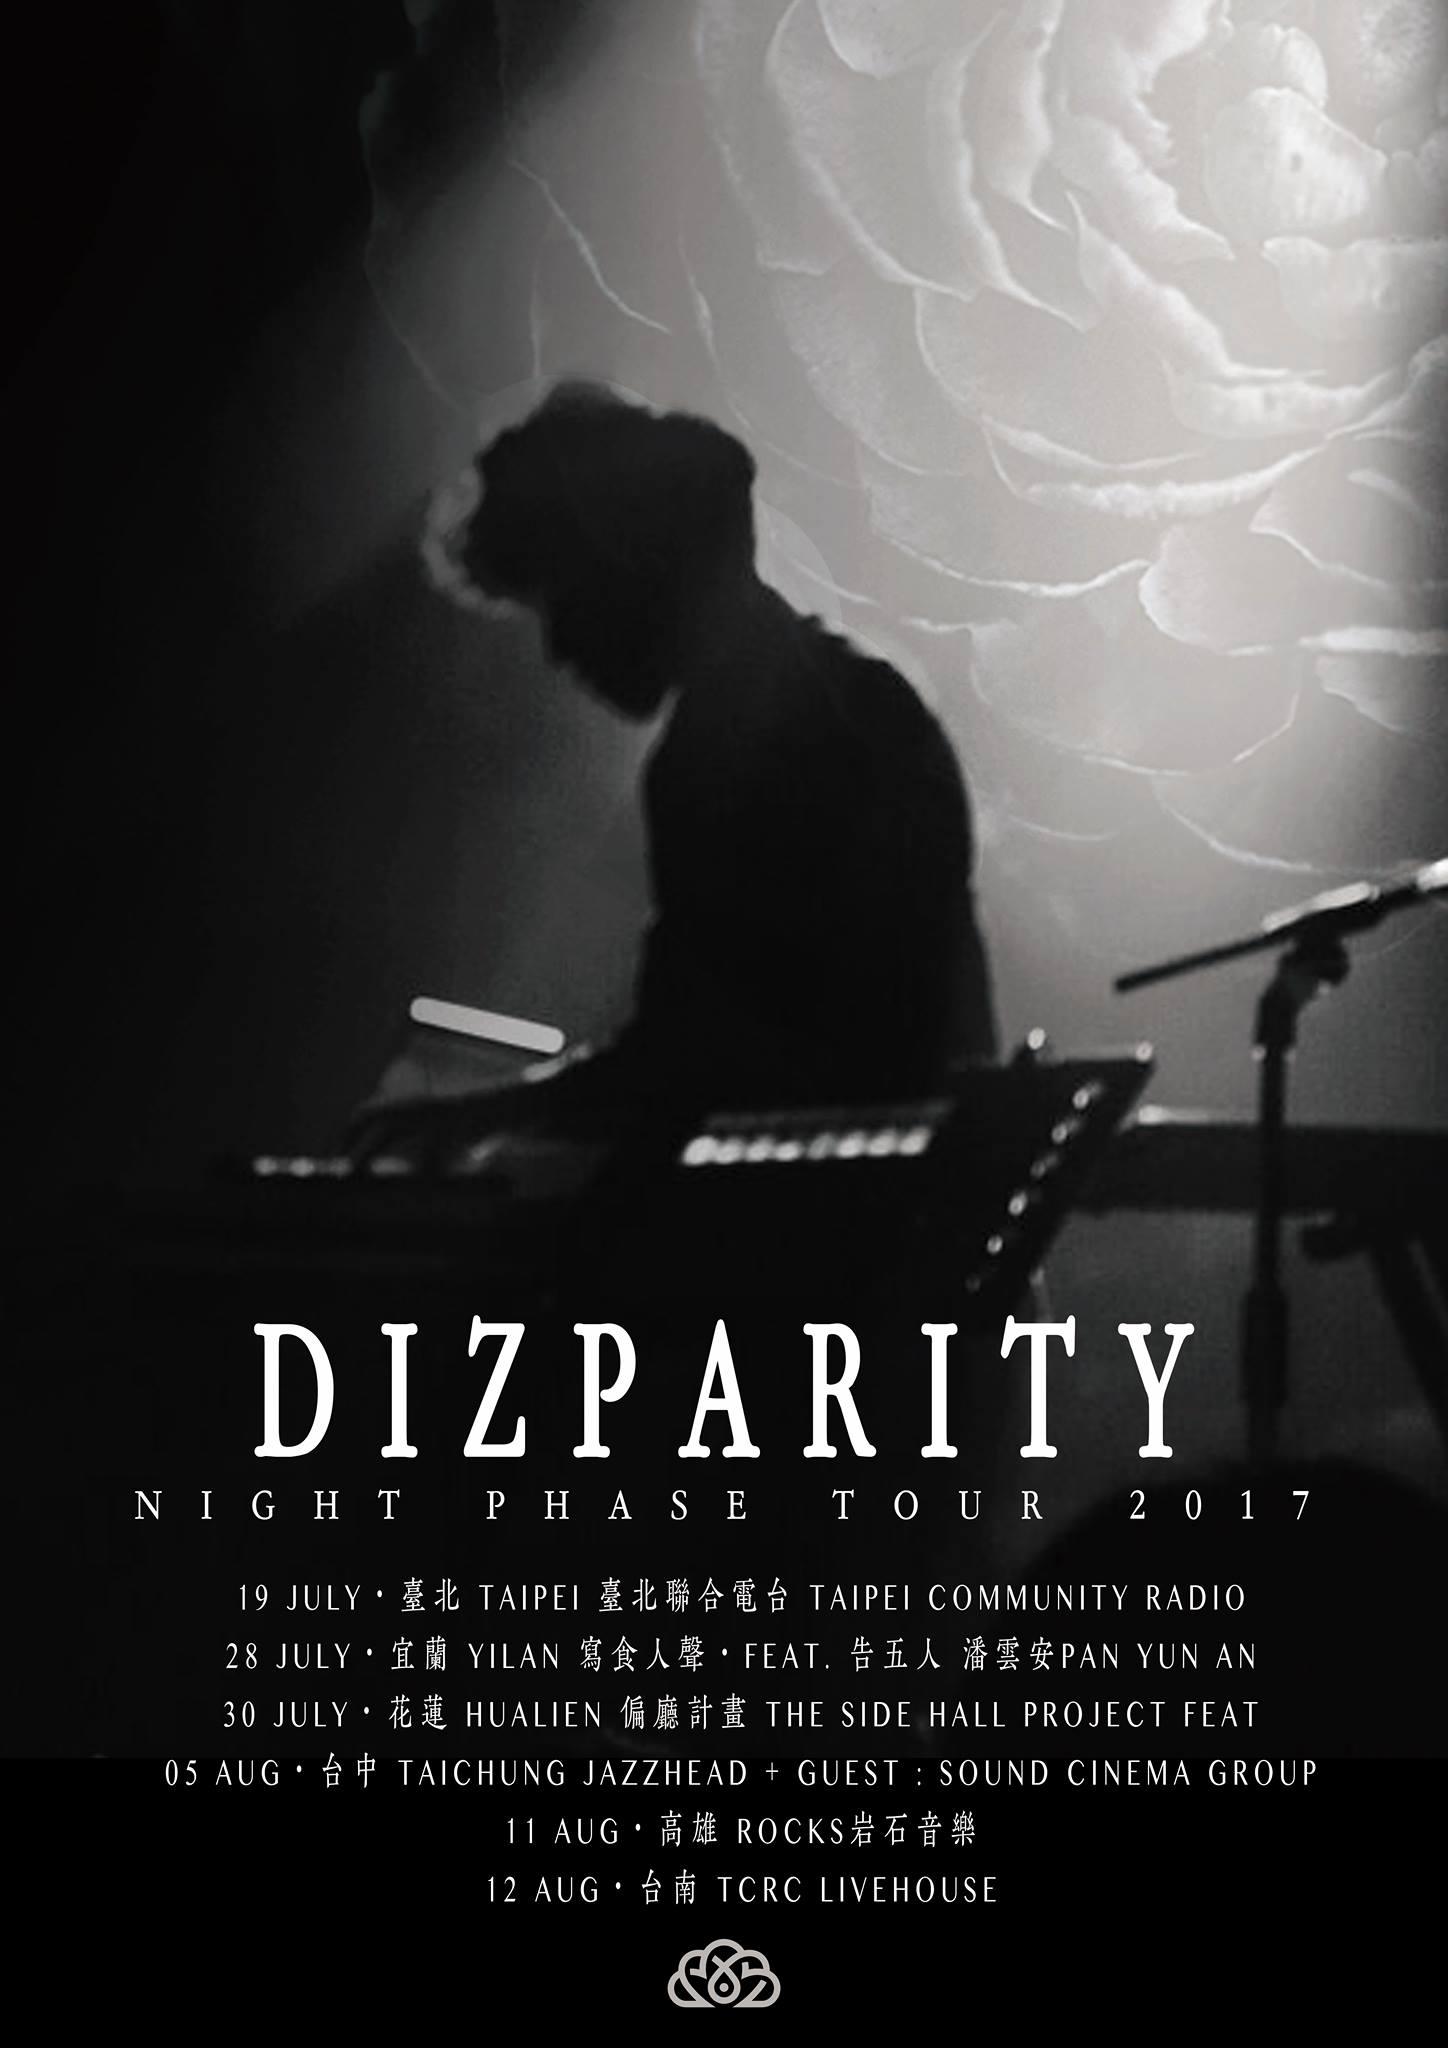 Dizparity